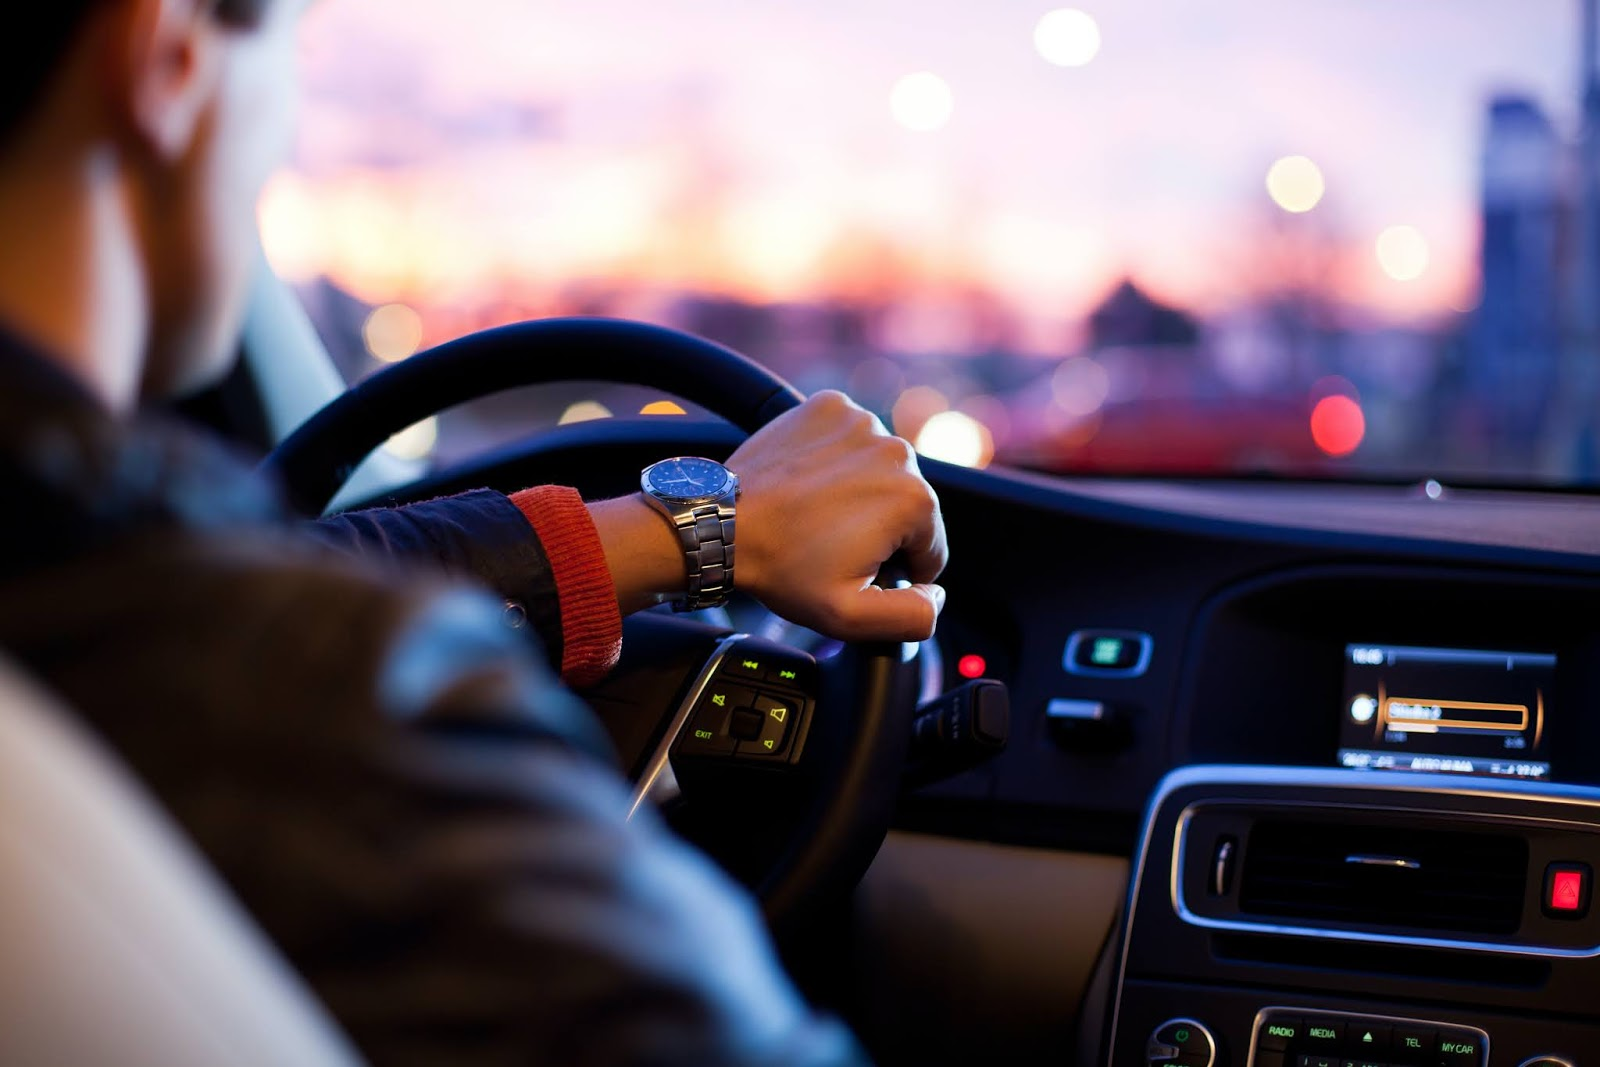 Ασφαλιστήρια συμβόλαια από τη Βουλγαρία κατέχουν χιλιάδες Έλληνες οδηγοί